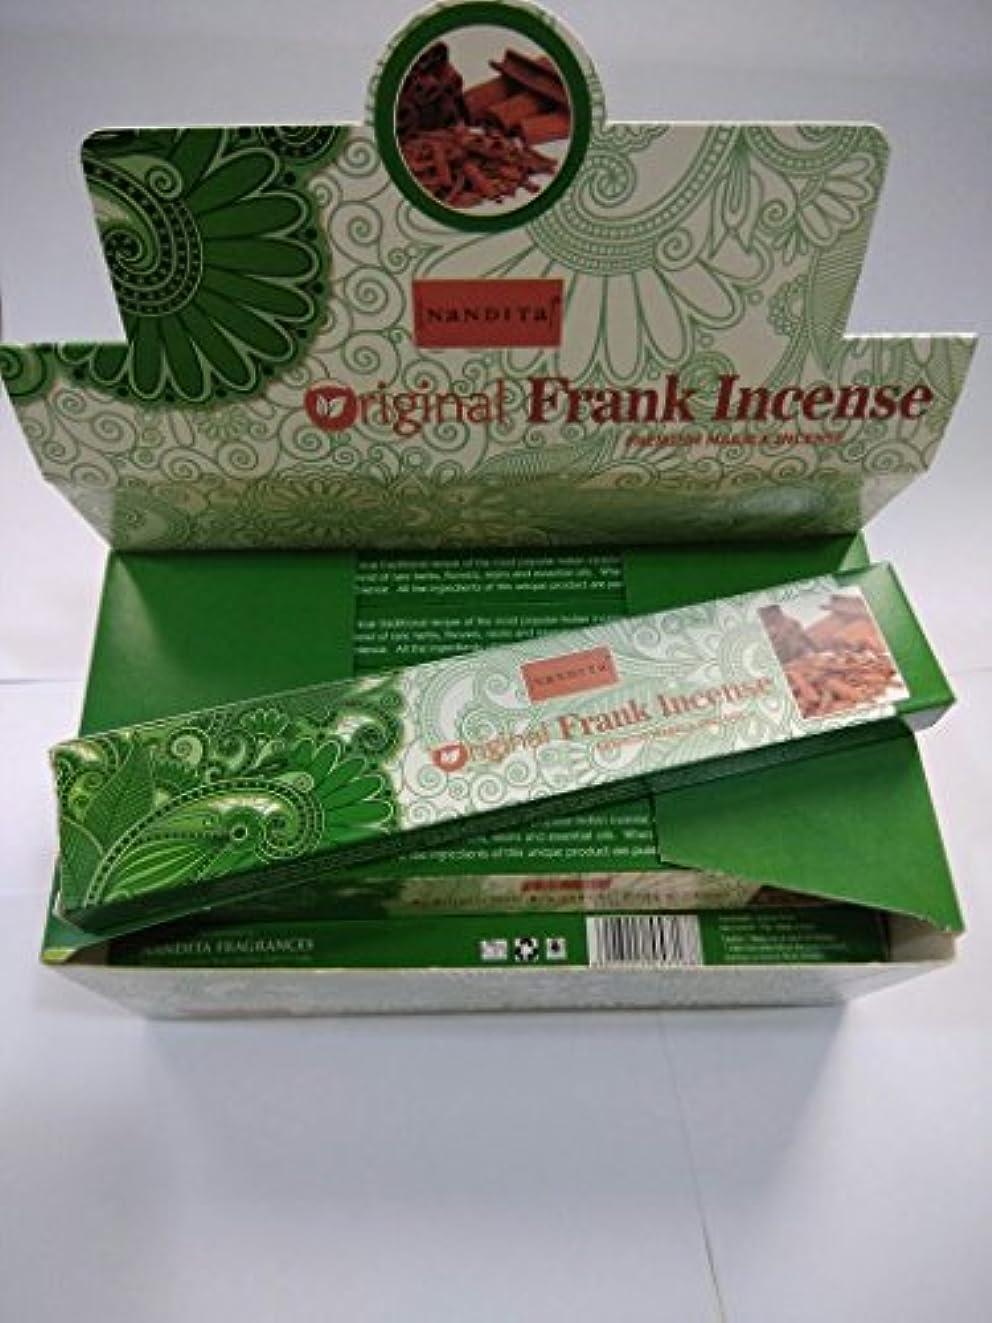 昼食結婚式悩むNandita元Frankincense Incense Sticks(15 g x 12パケット)